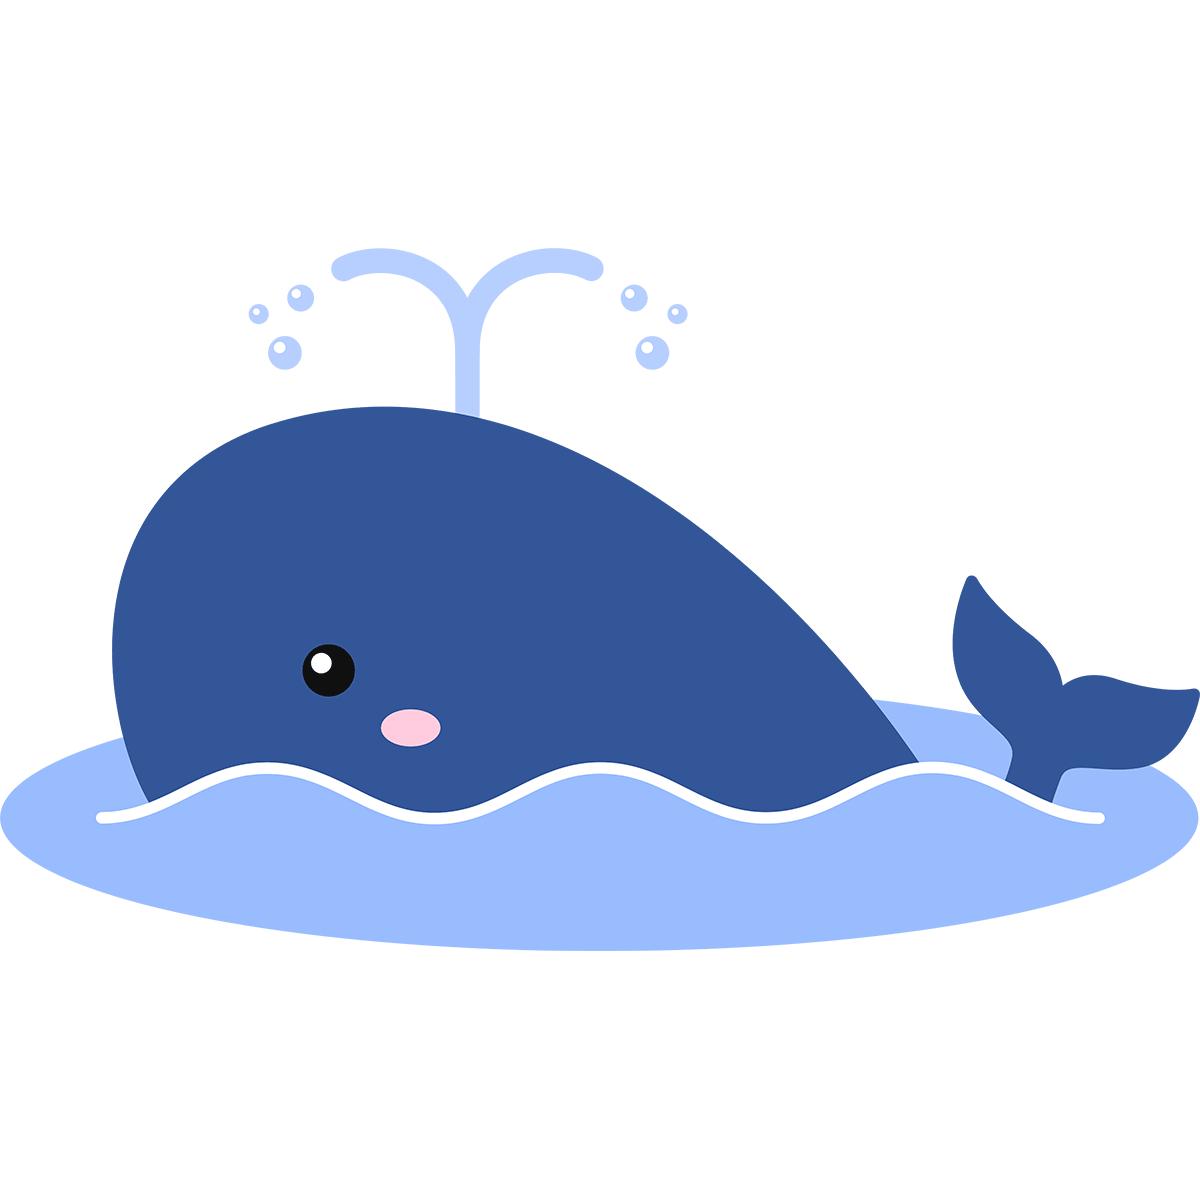 泳ぐクジラの無料イラスト